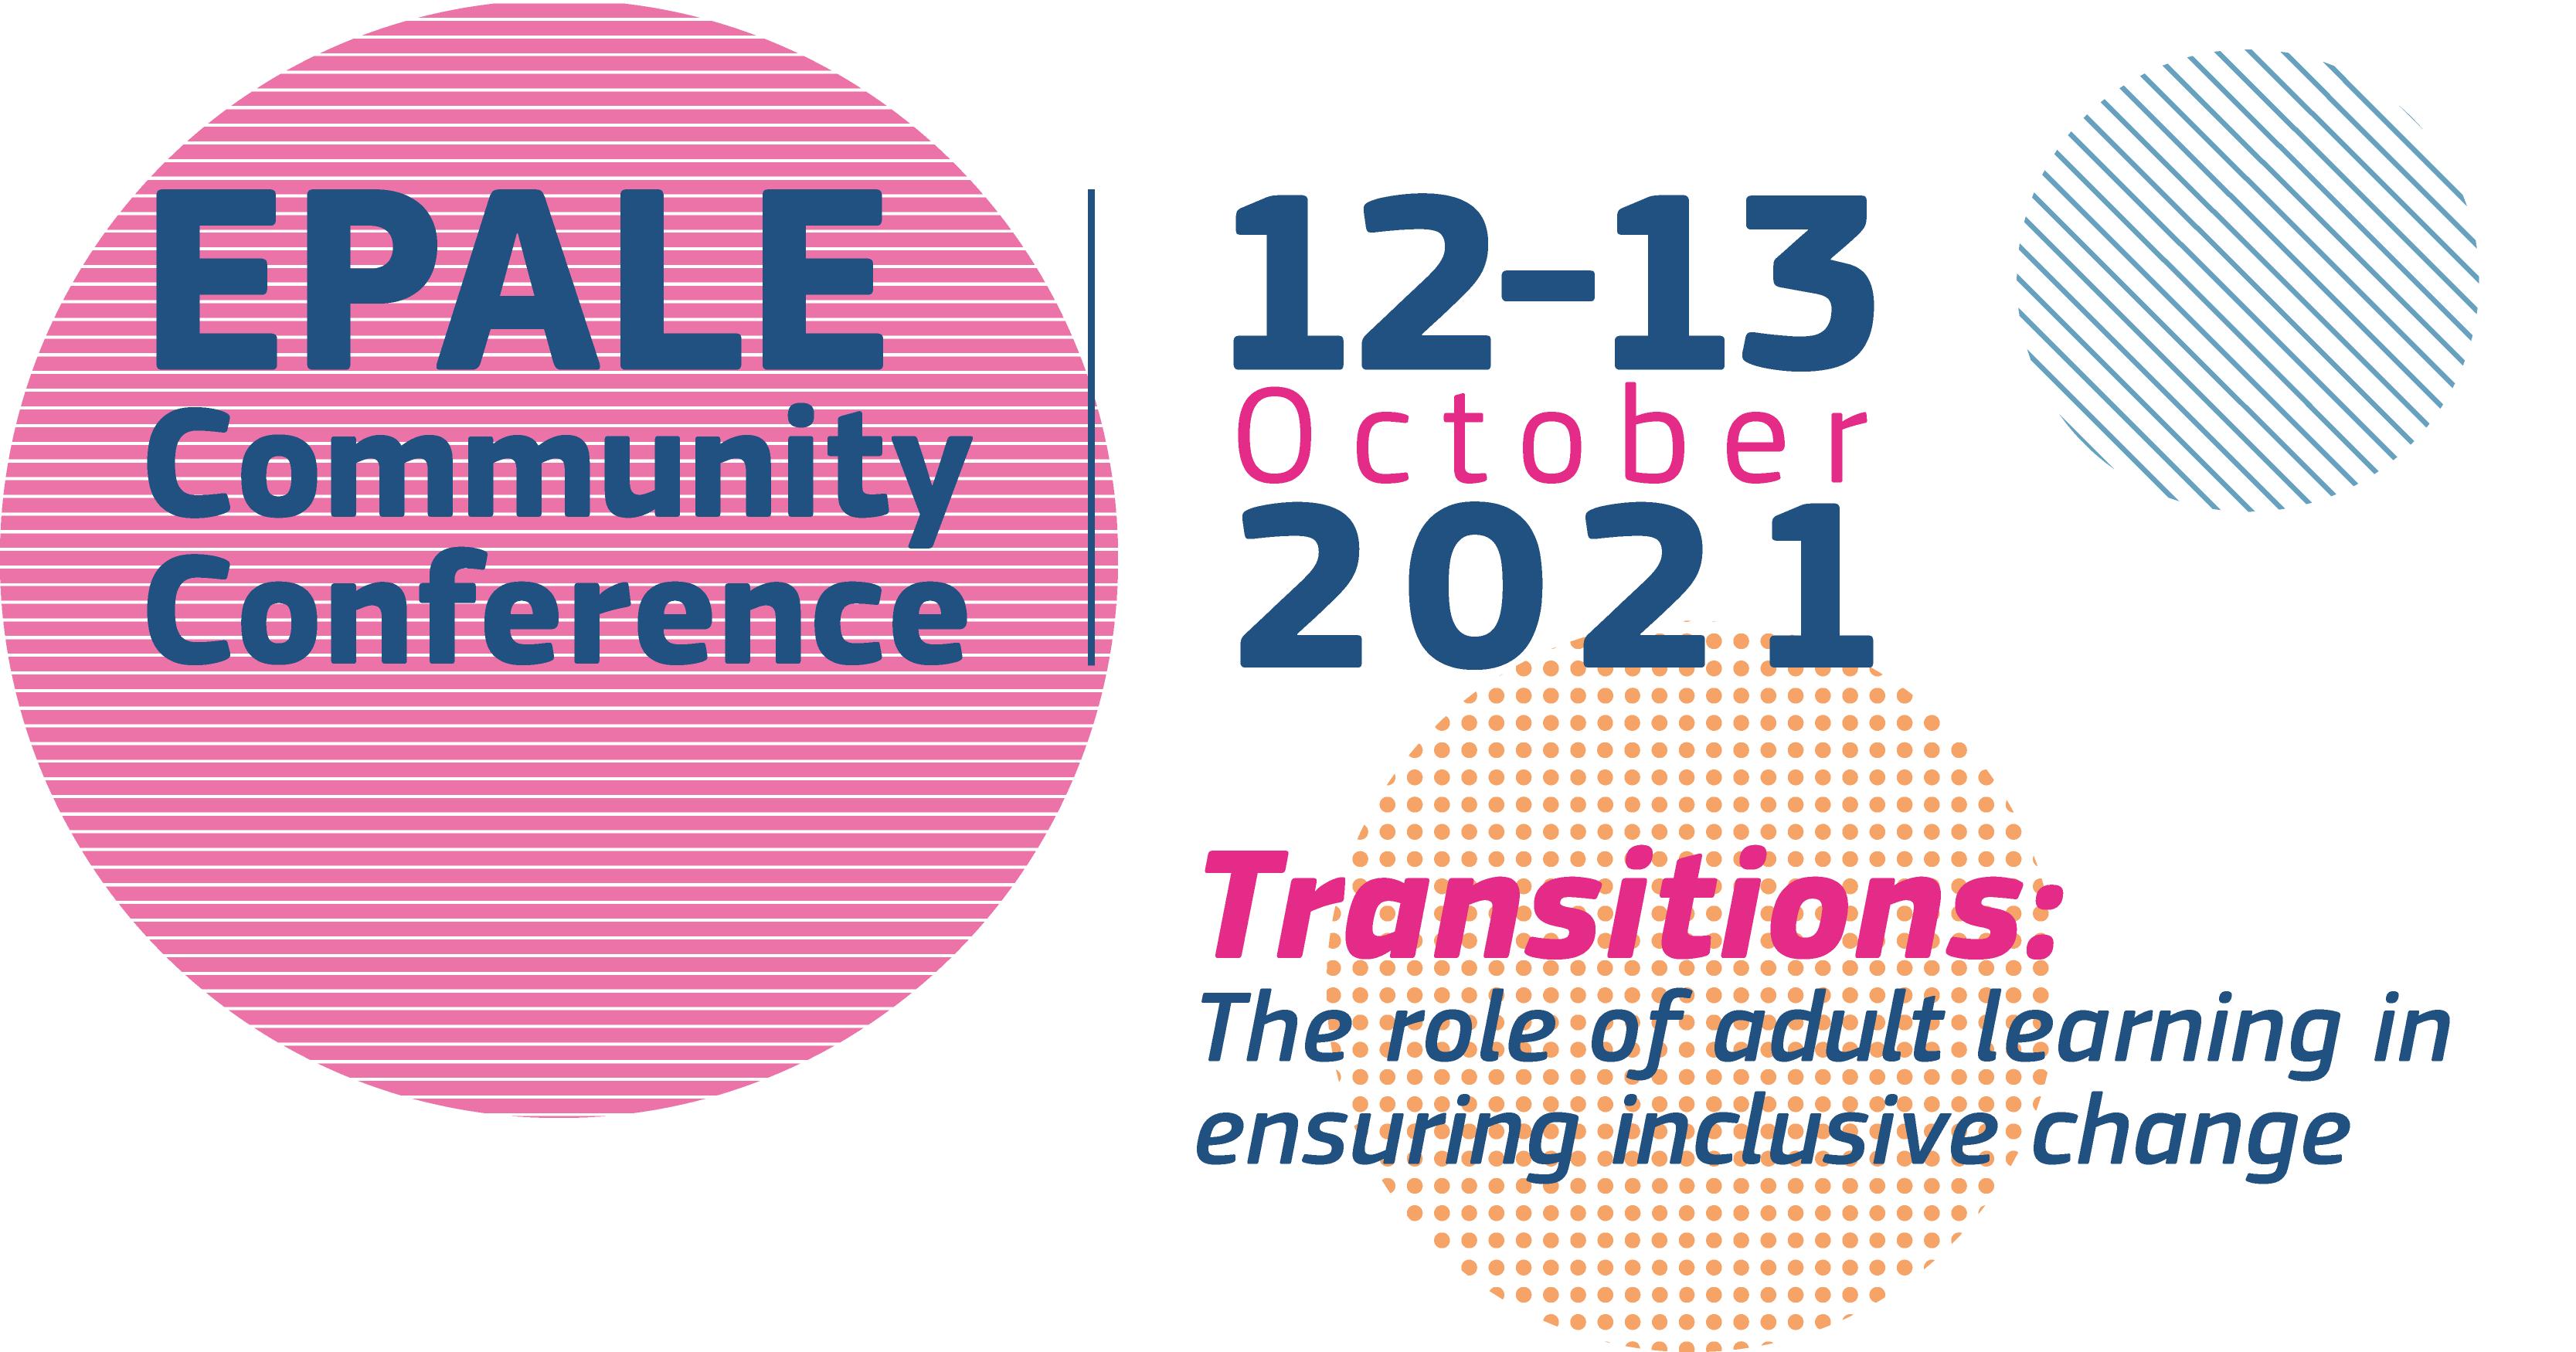 Conferència comunitària EPALE 2021